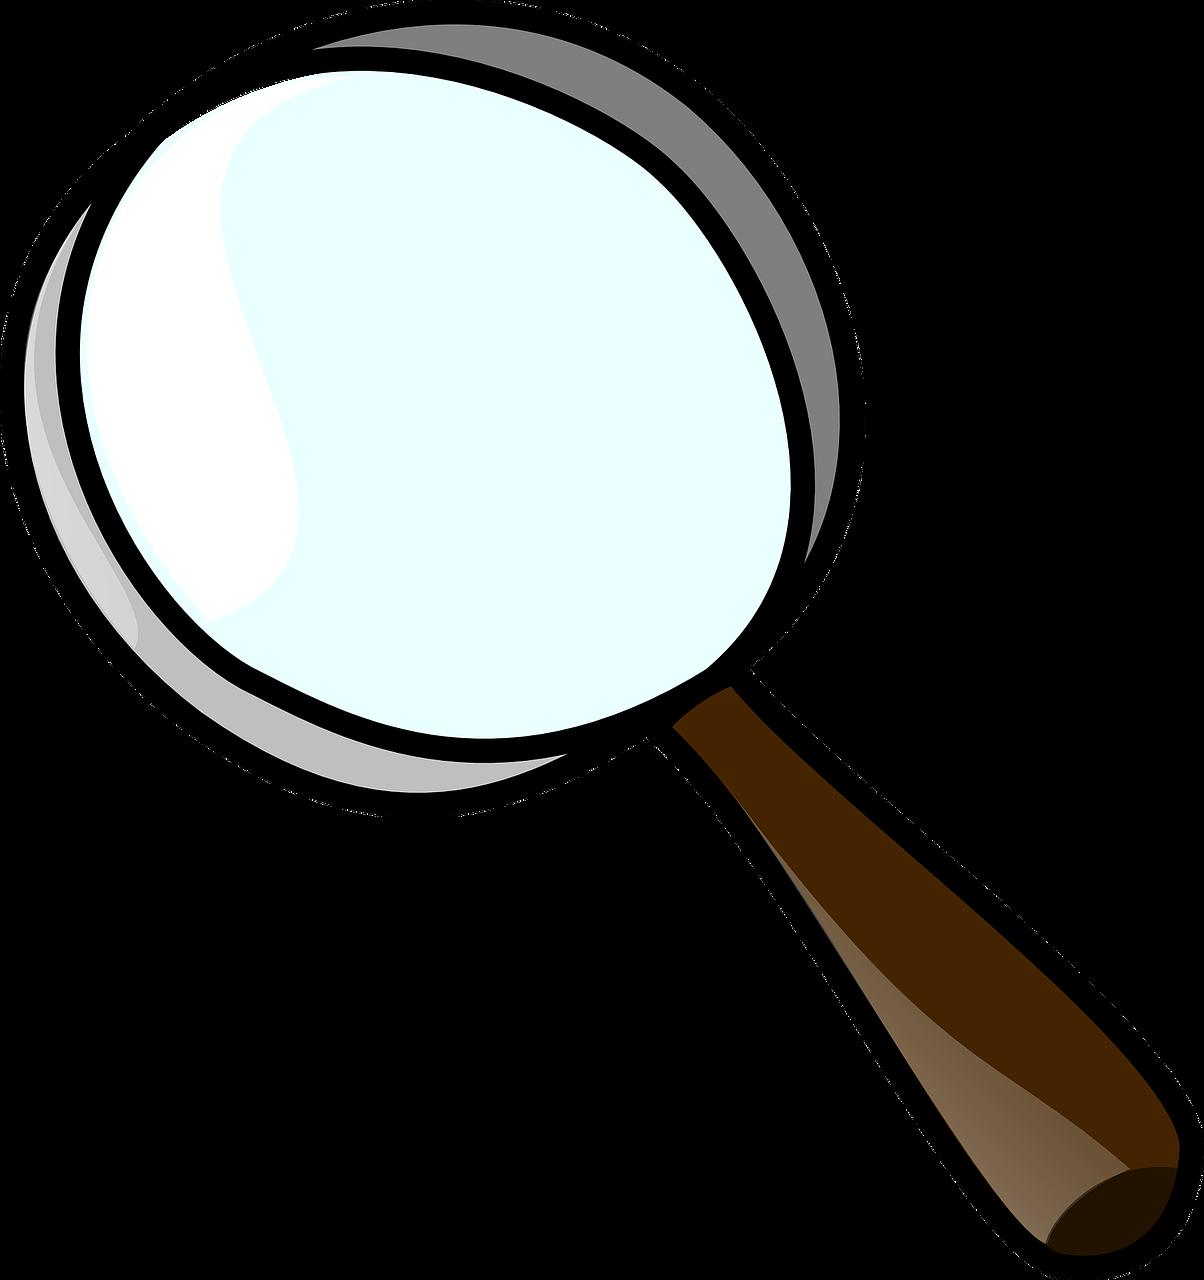 つば くむ 意味 「凸」とは?意味と例文が3秒でわかる! コトワカ/KOTOWAKA